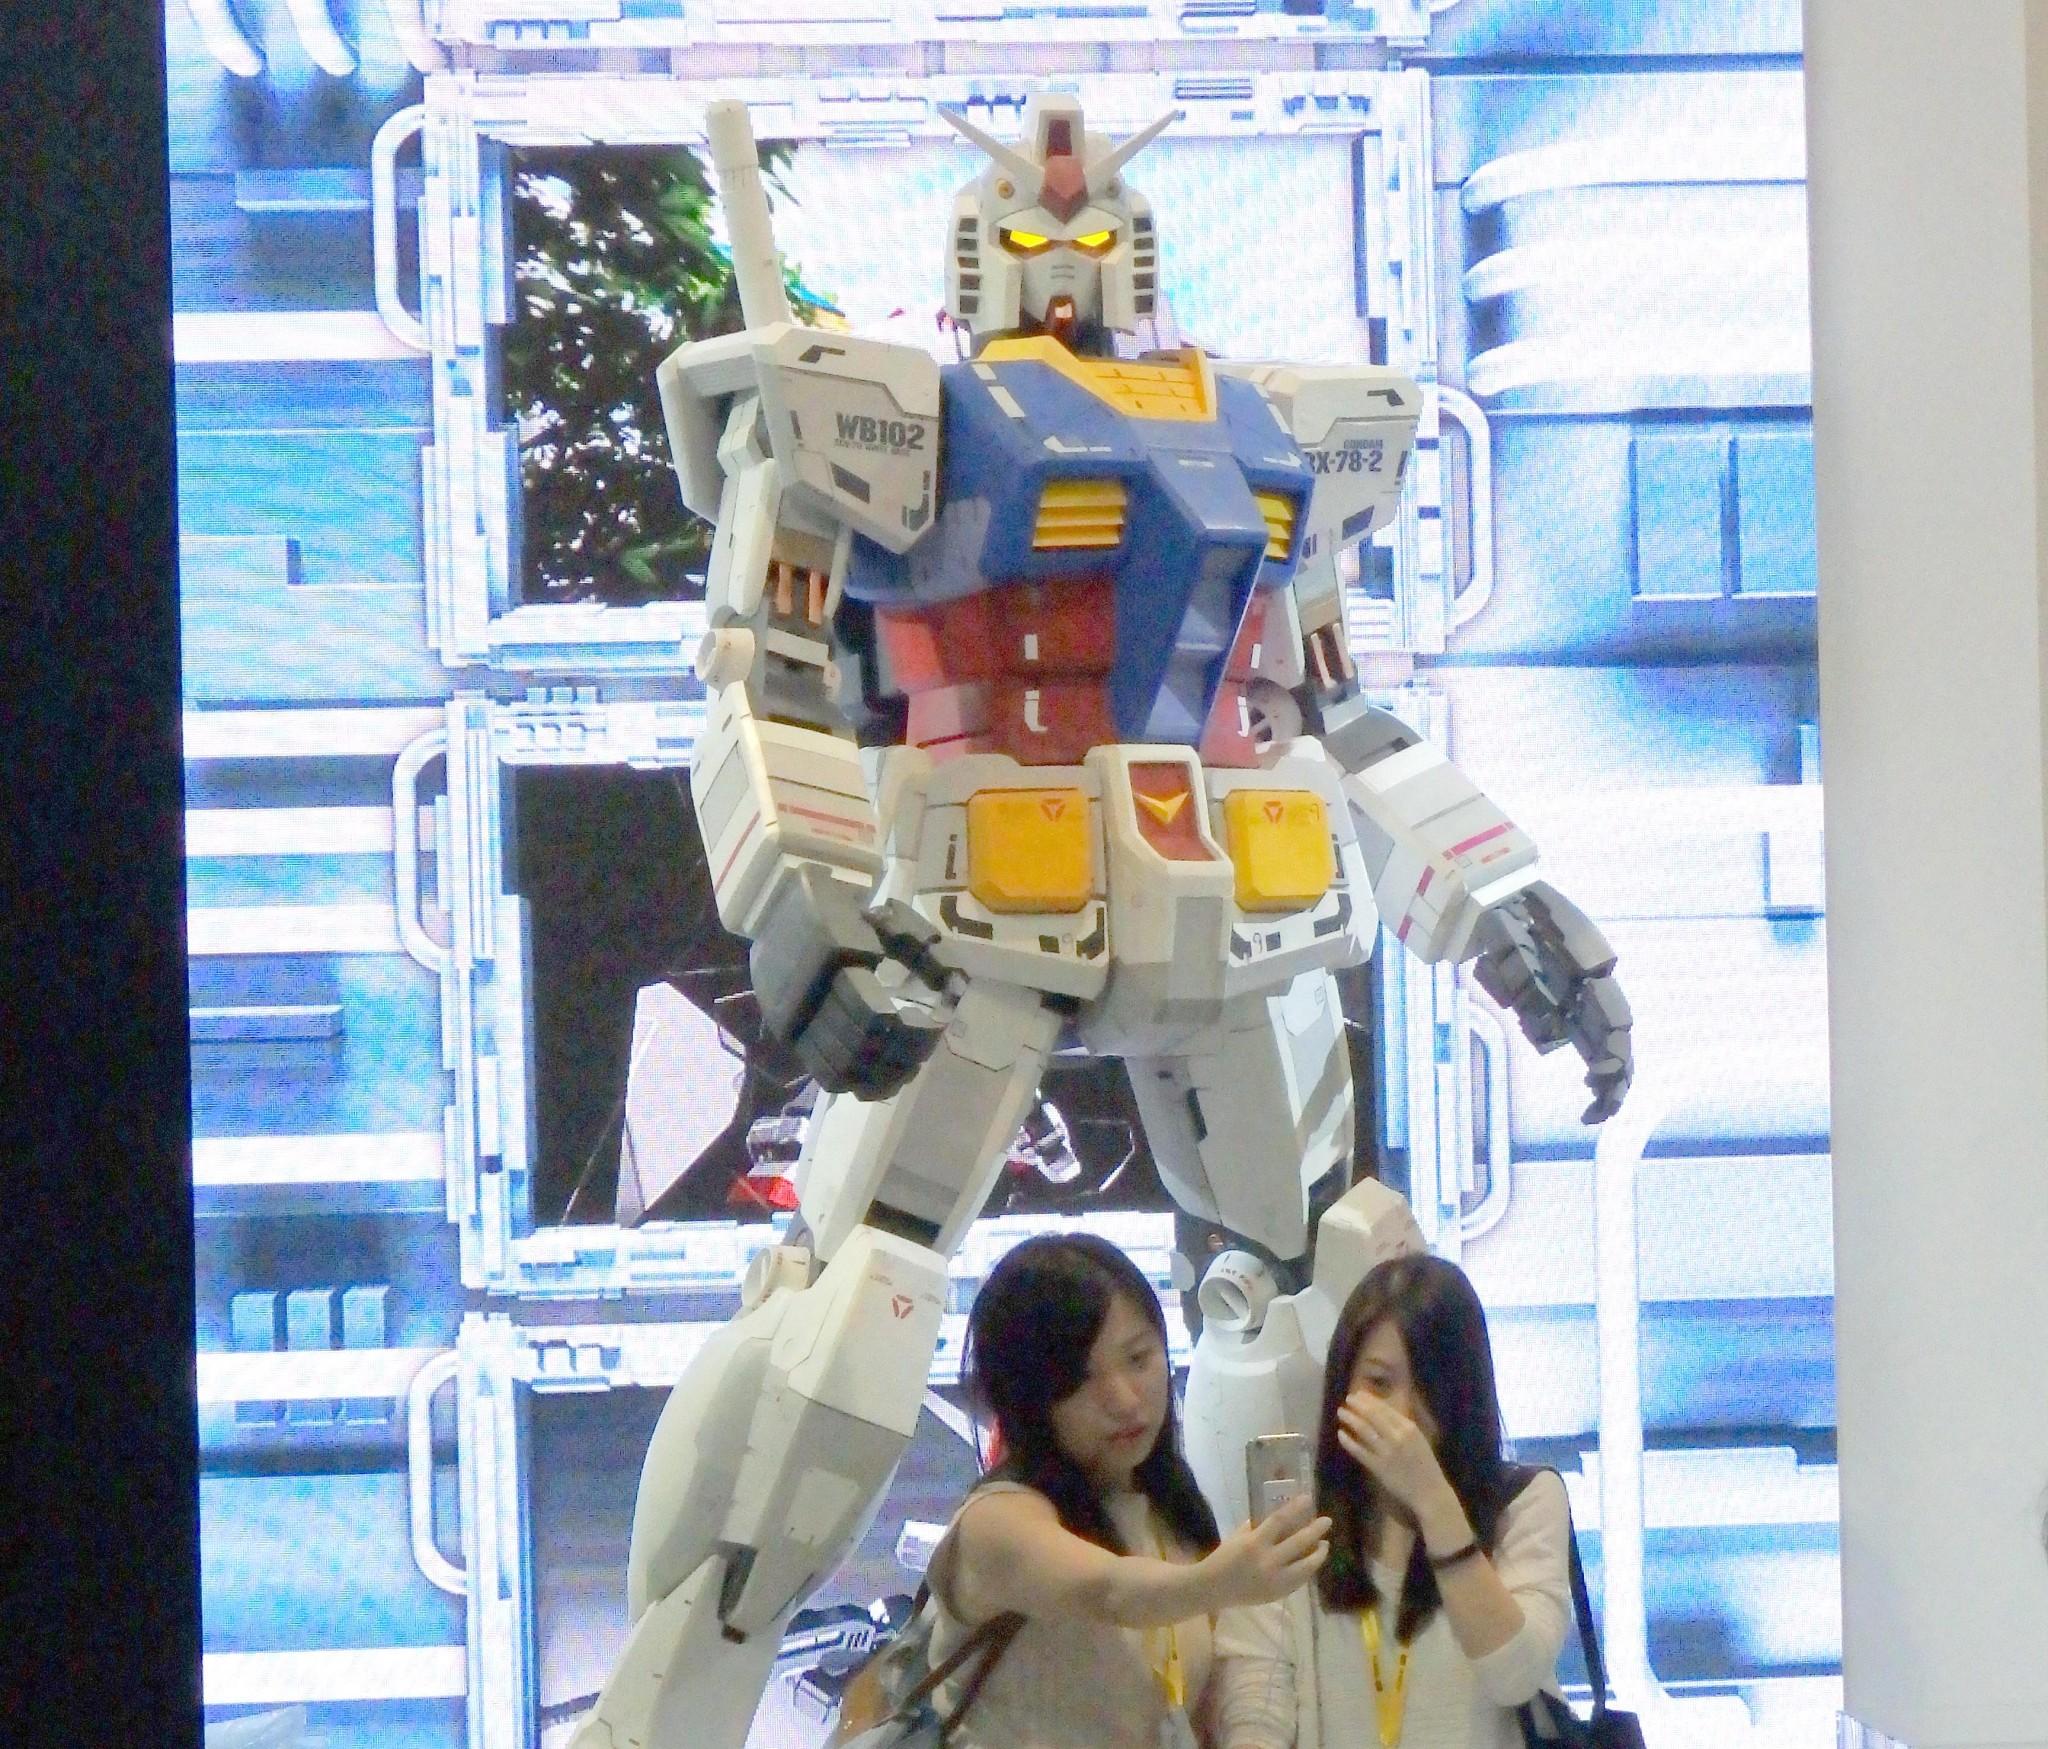 〔 動漫節 2016 〕 Gundam 迷必到 Gunpla EXPO 同大型 Gundam 合照